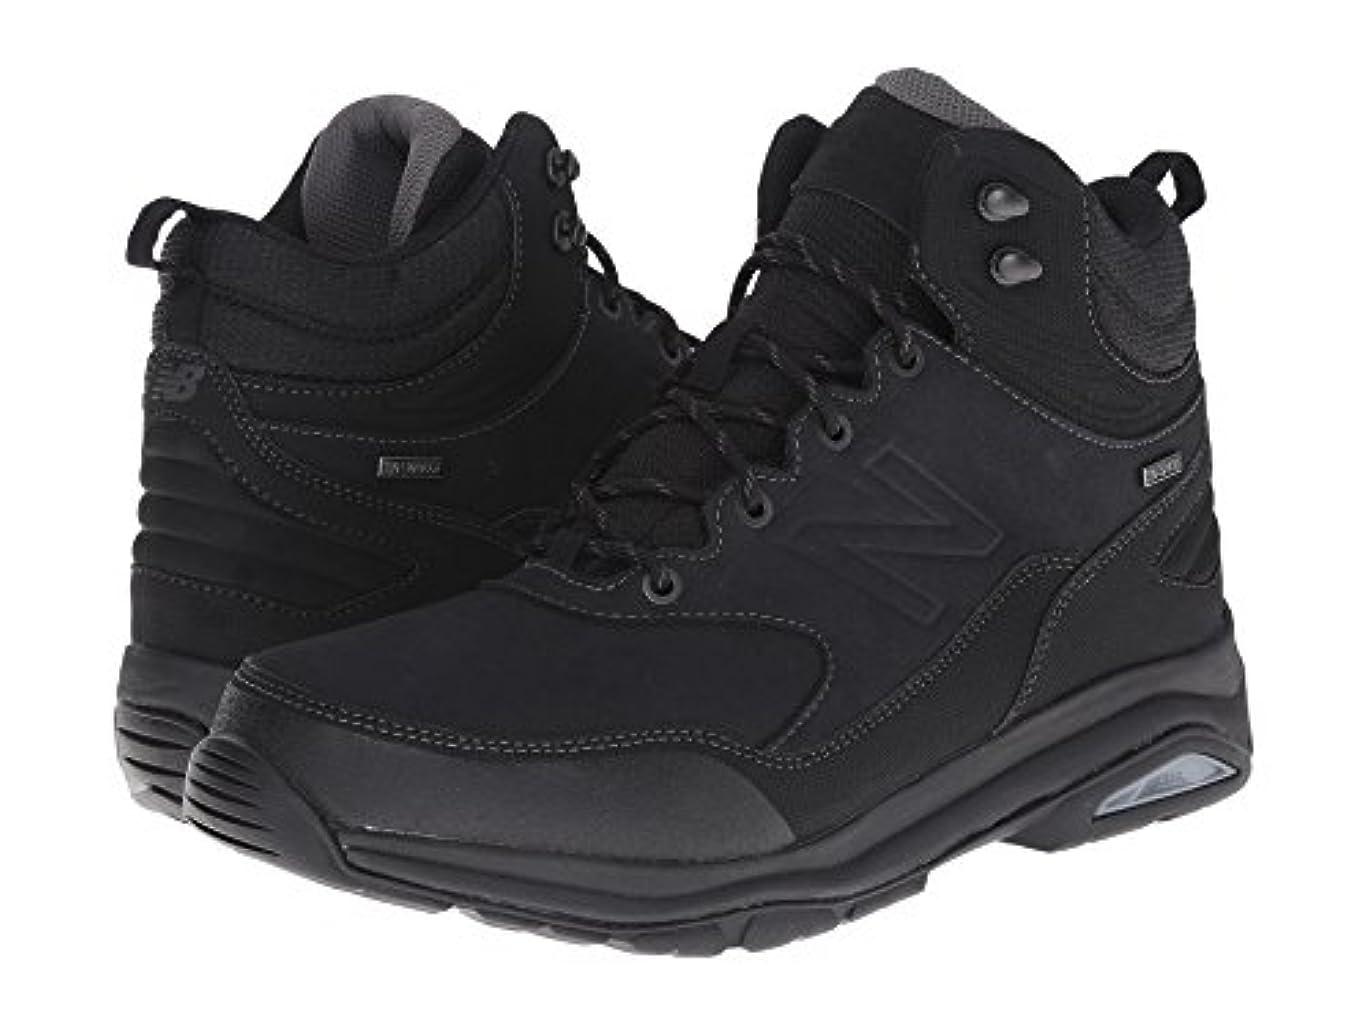 厚さセーブそうでなければ(ニューバランス) New Balance メンズブーツ?靴 MW1400v1 Black 11.5 (29.5cm) EE - Wide